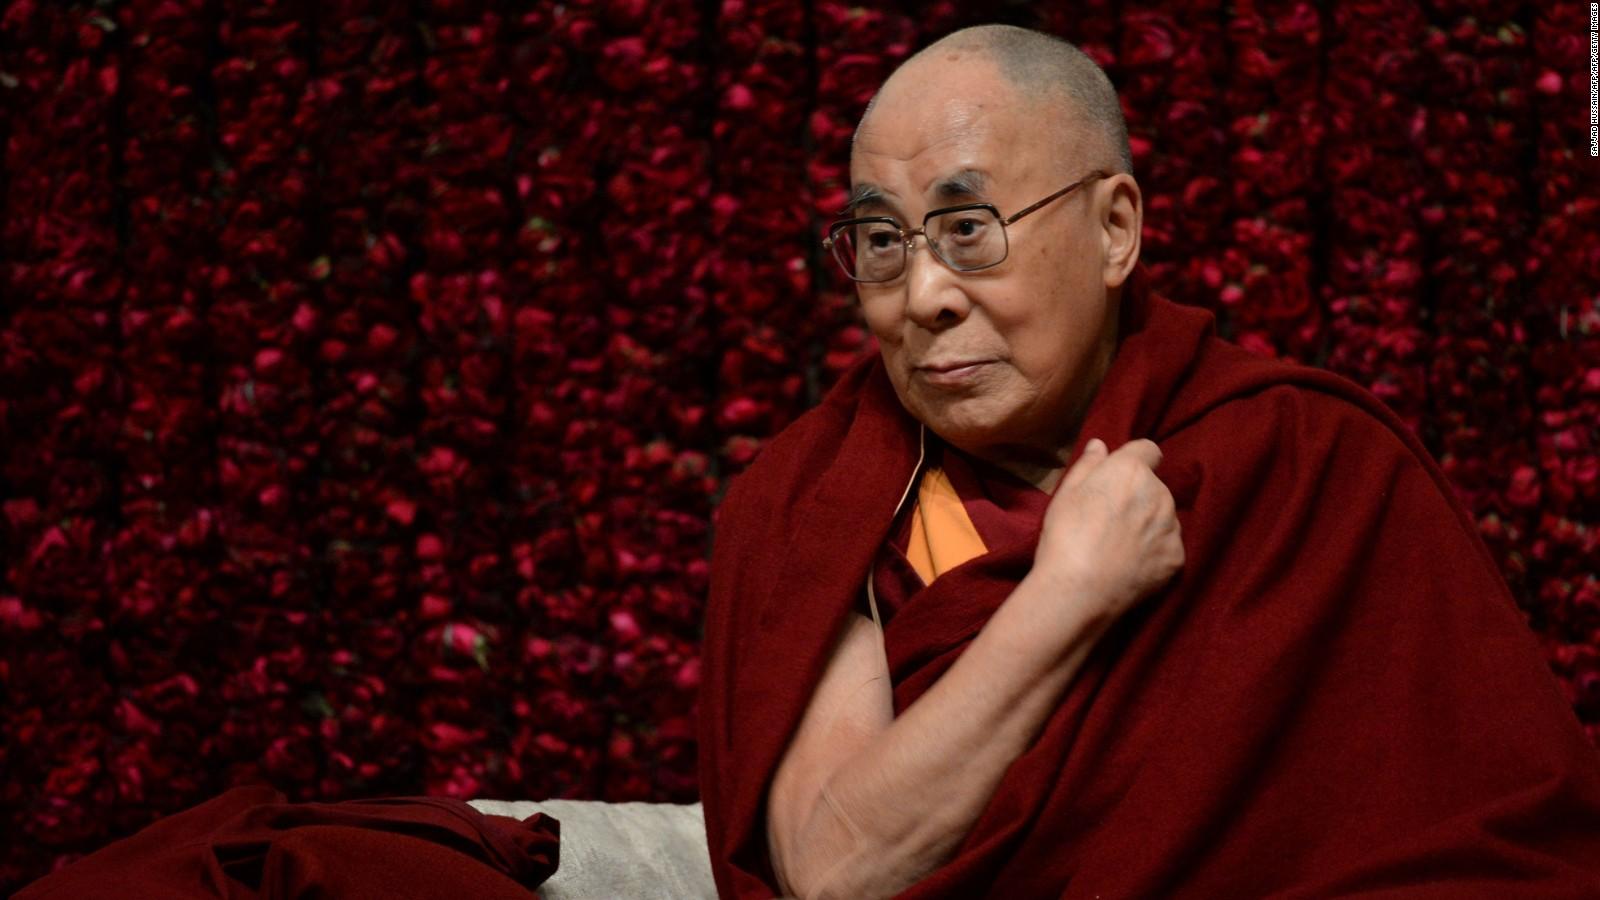 The Dalai Lama's secret weapon